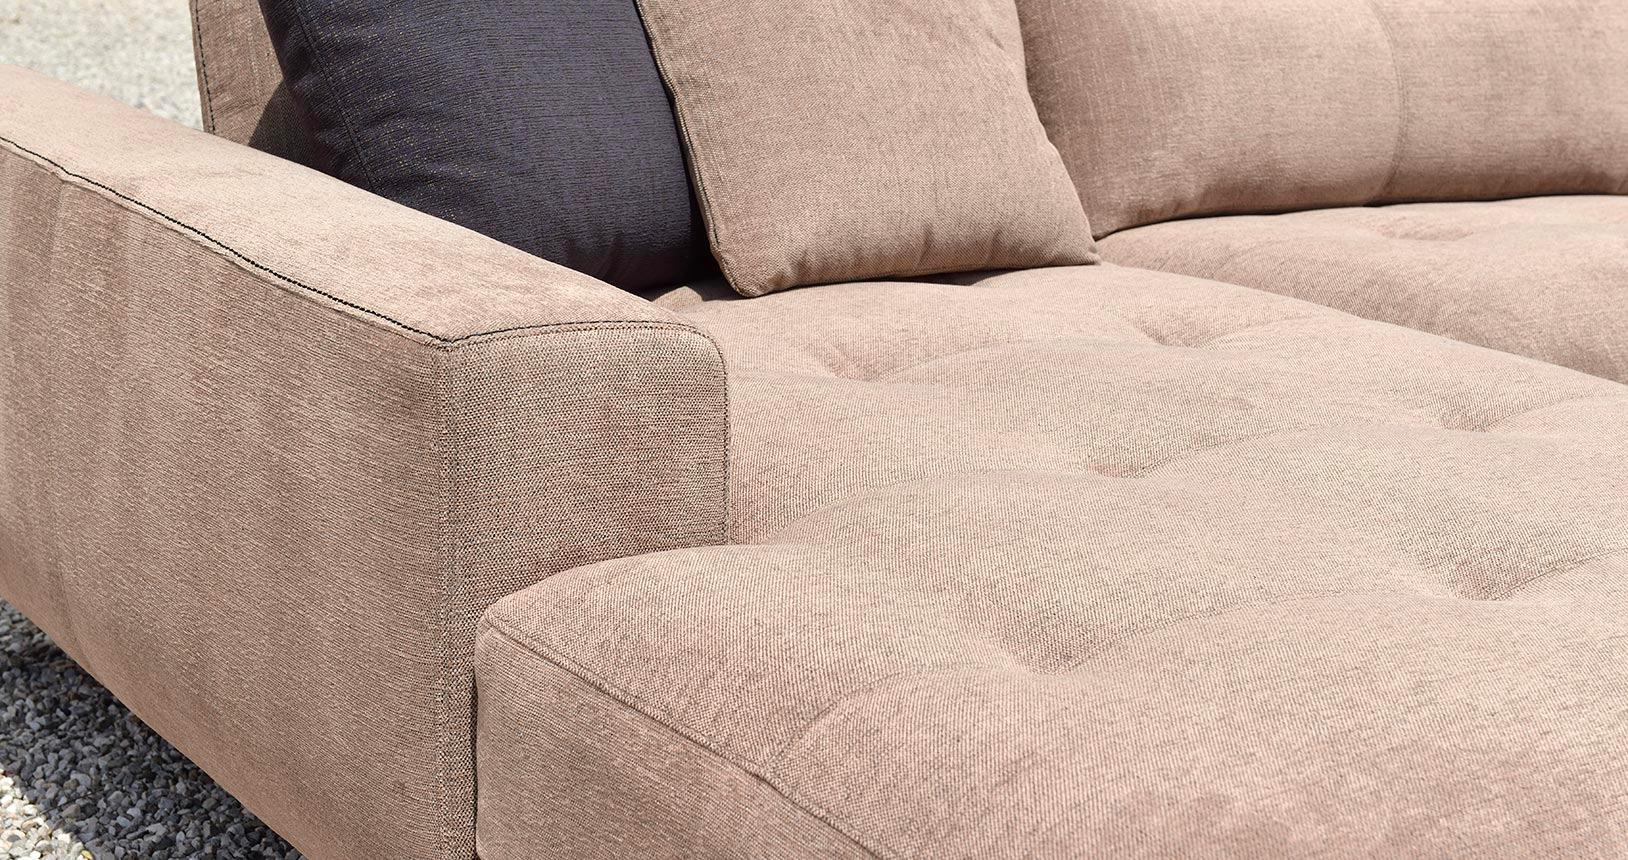 isabella-divano-particolare-bracciolo